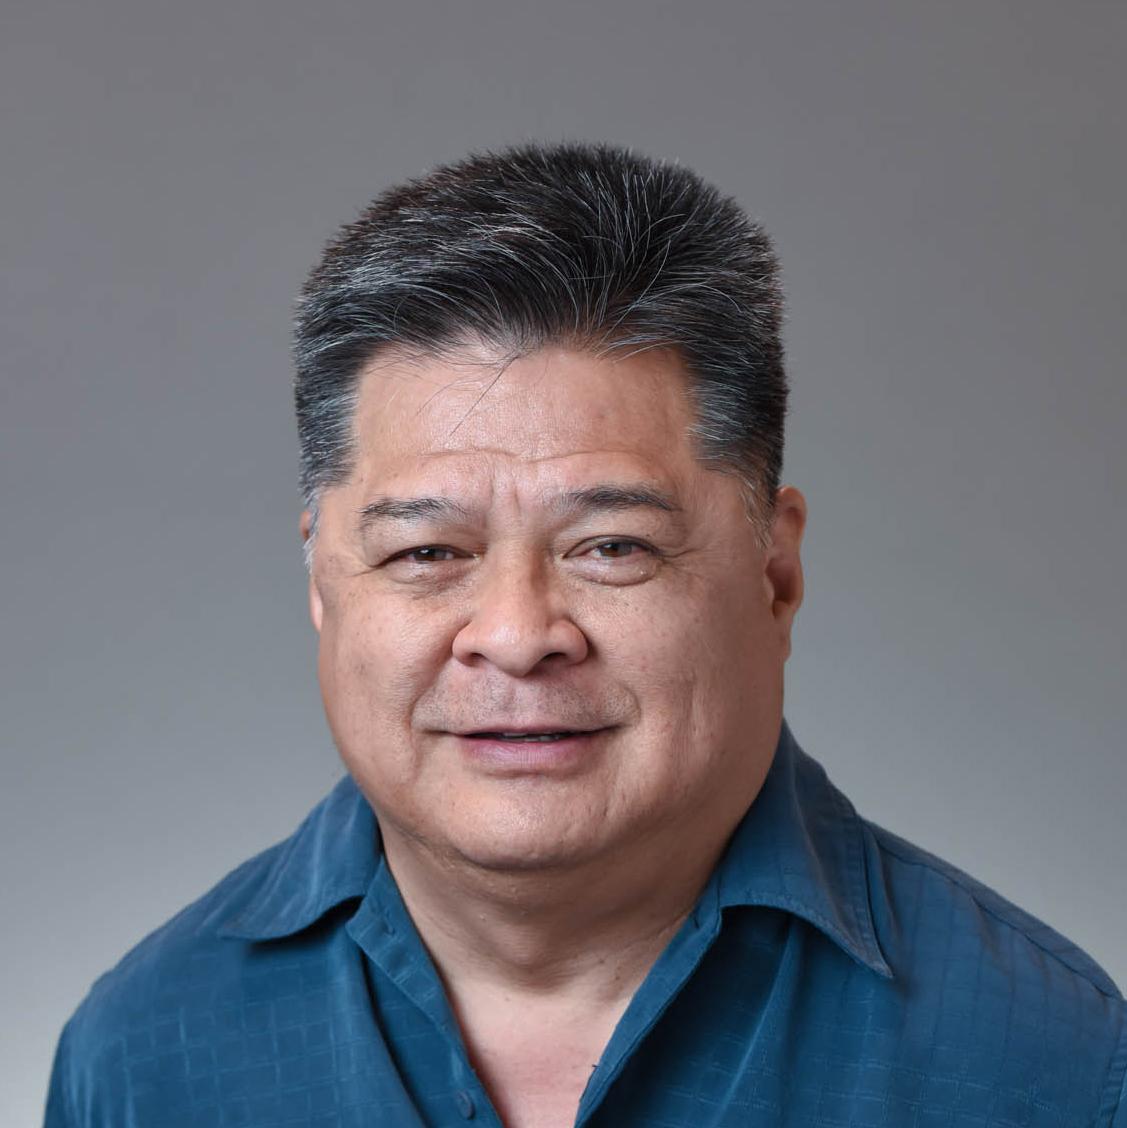 Dr. Michael O Bambico